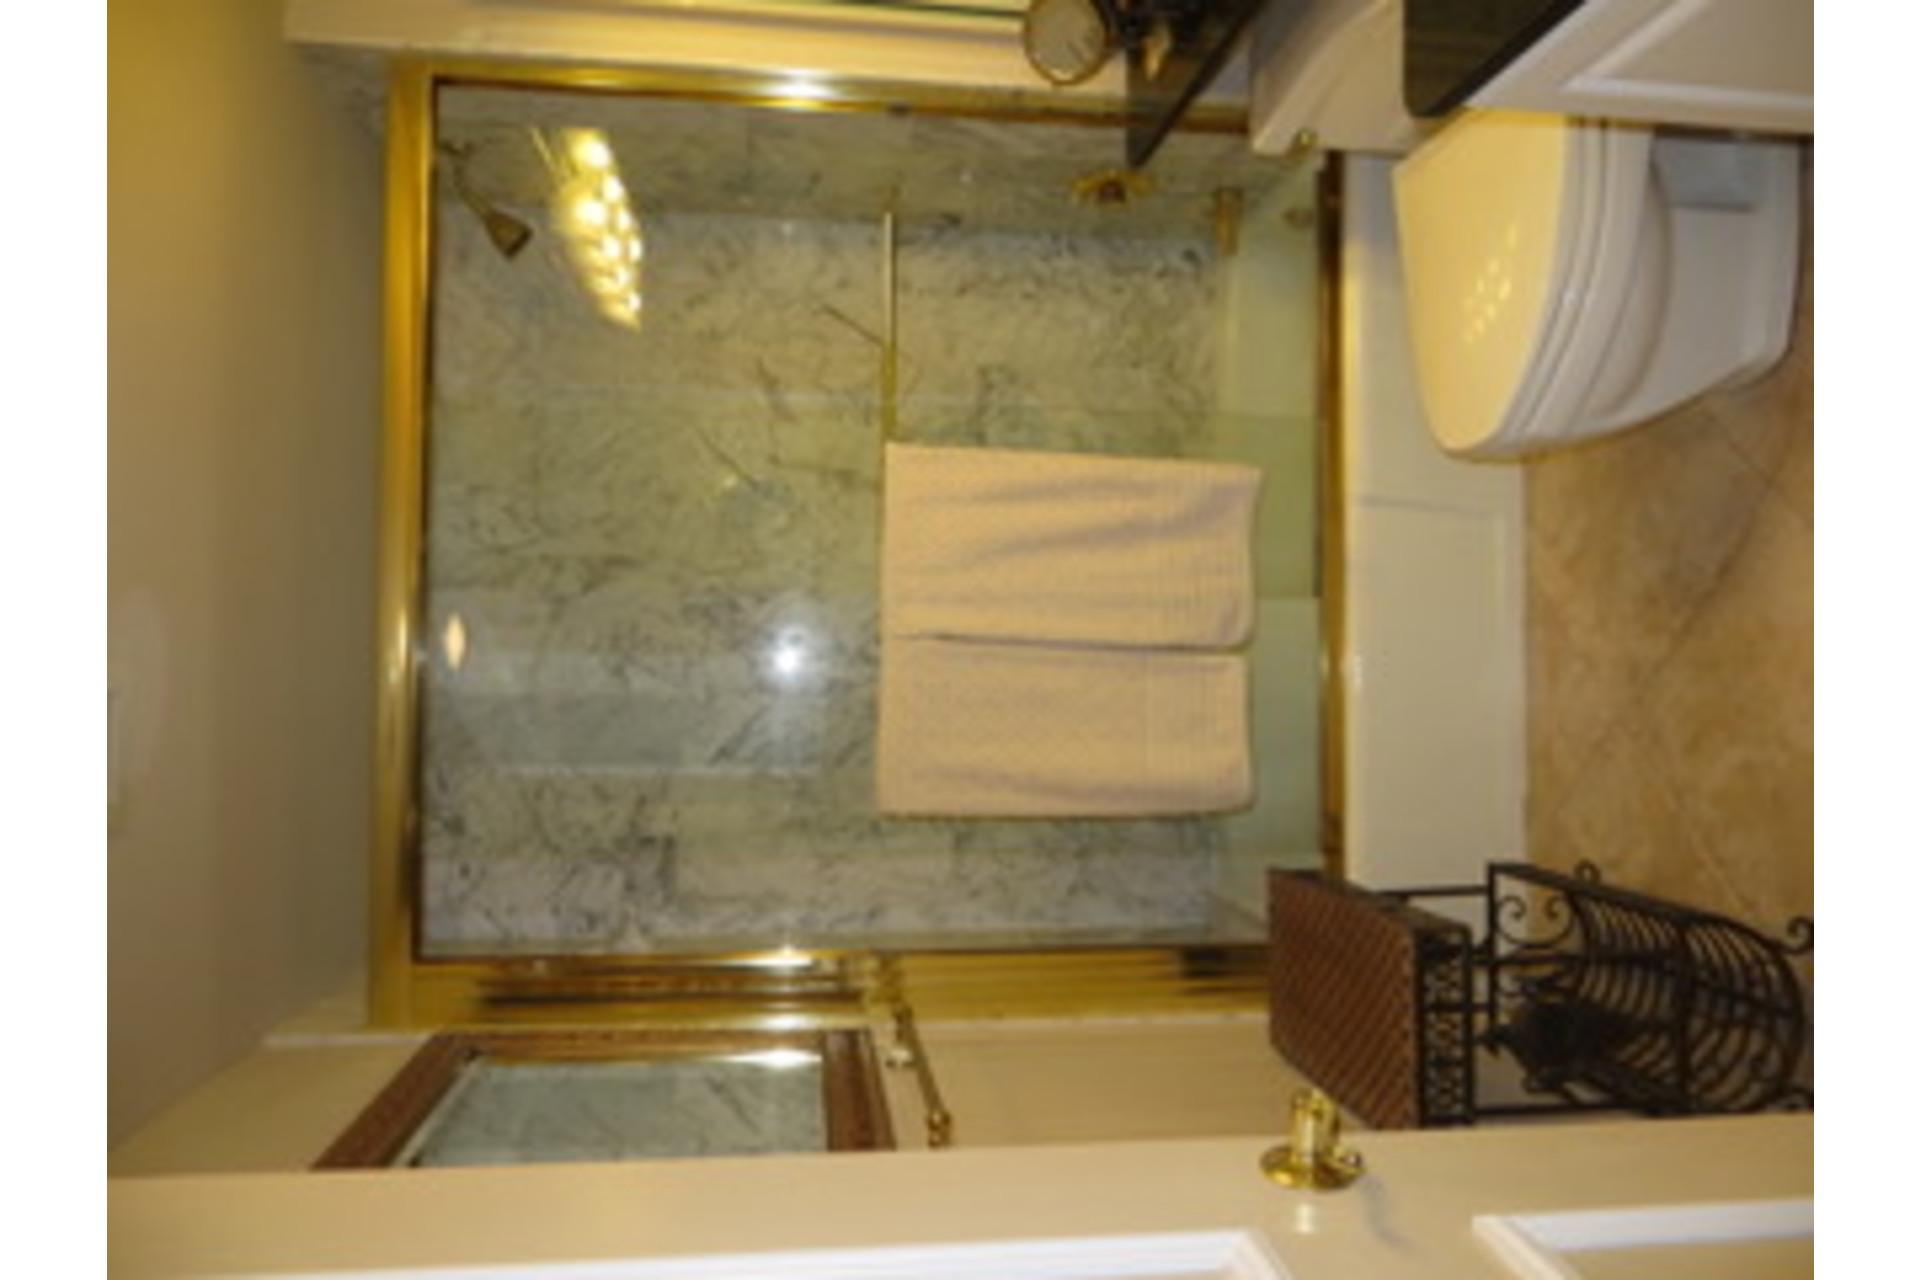 image 28 - Condo Short rental Hallandale Beach - 6 rooms